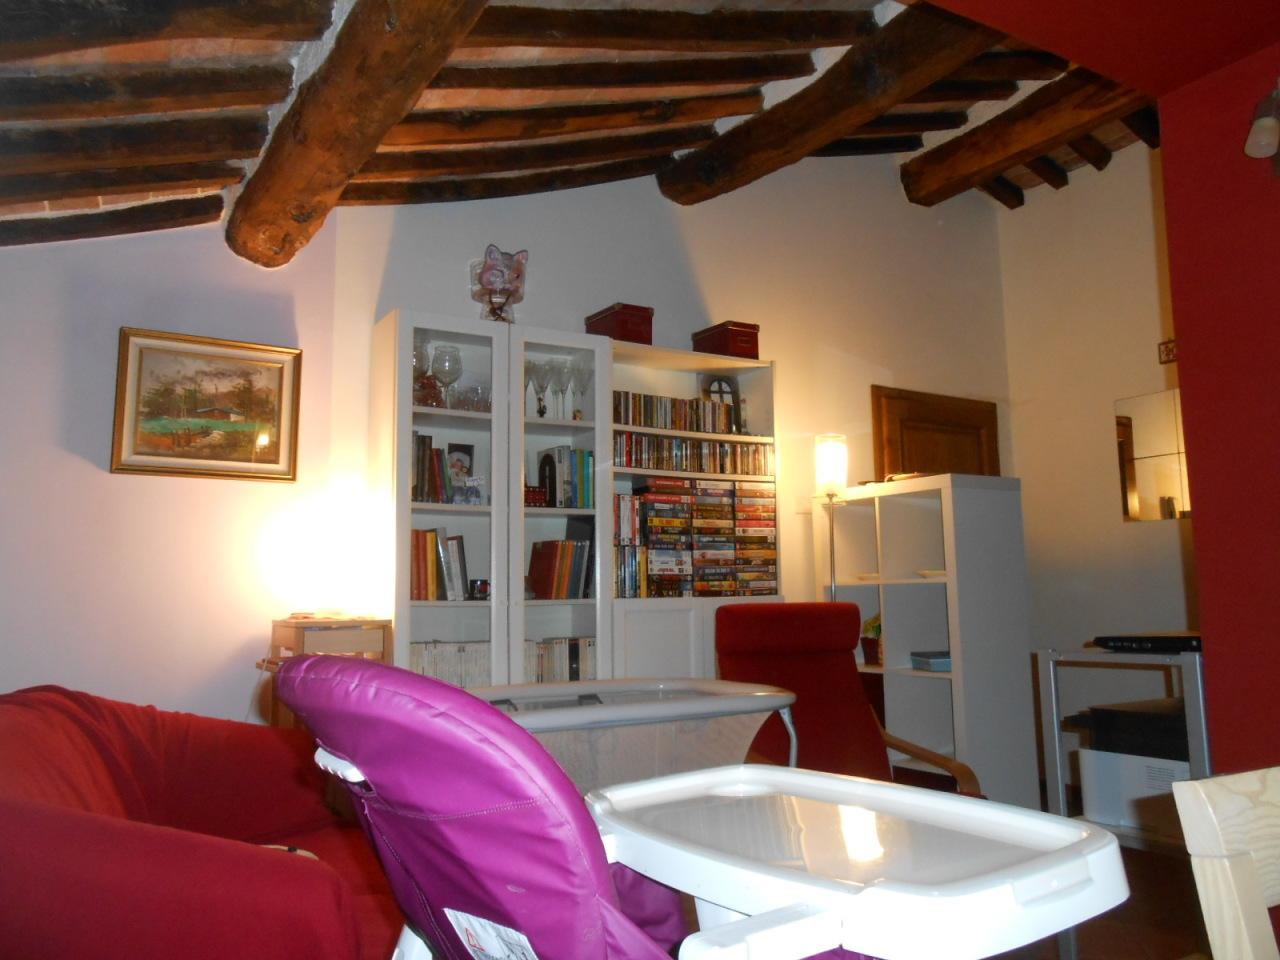 Appartamento in vendita a Lucca, 4 locali, prezzo € 110.000 | Cambio Casa.it